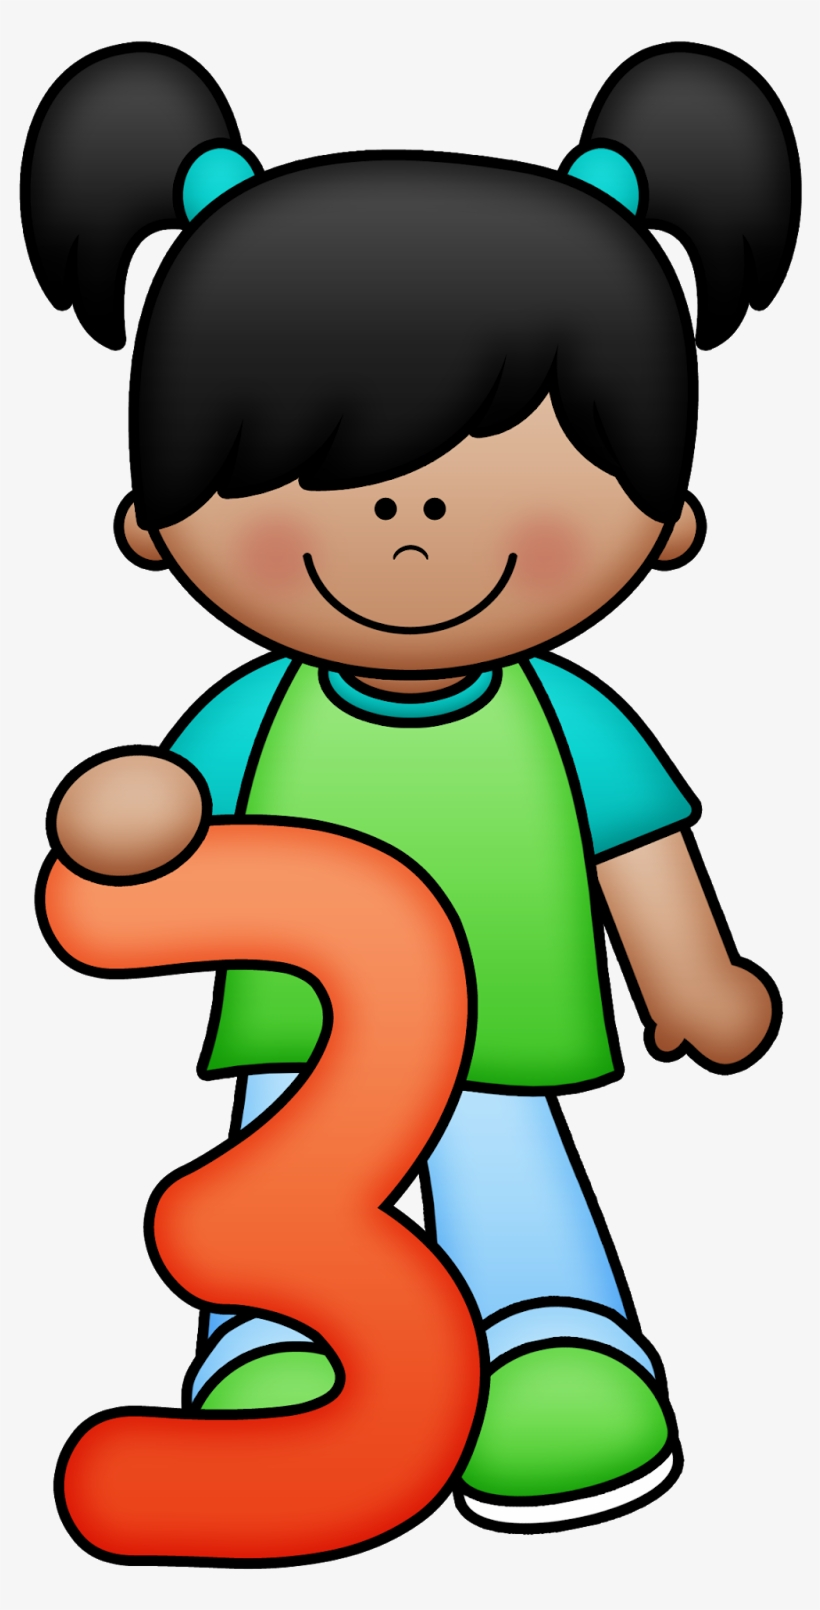 School Children - School Children Clipart , Free Transparent Clipart -  ClipartKey